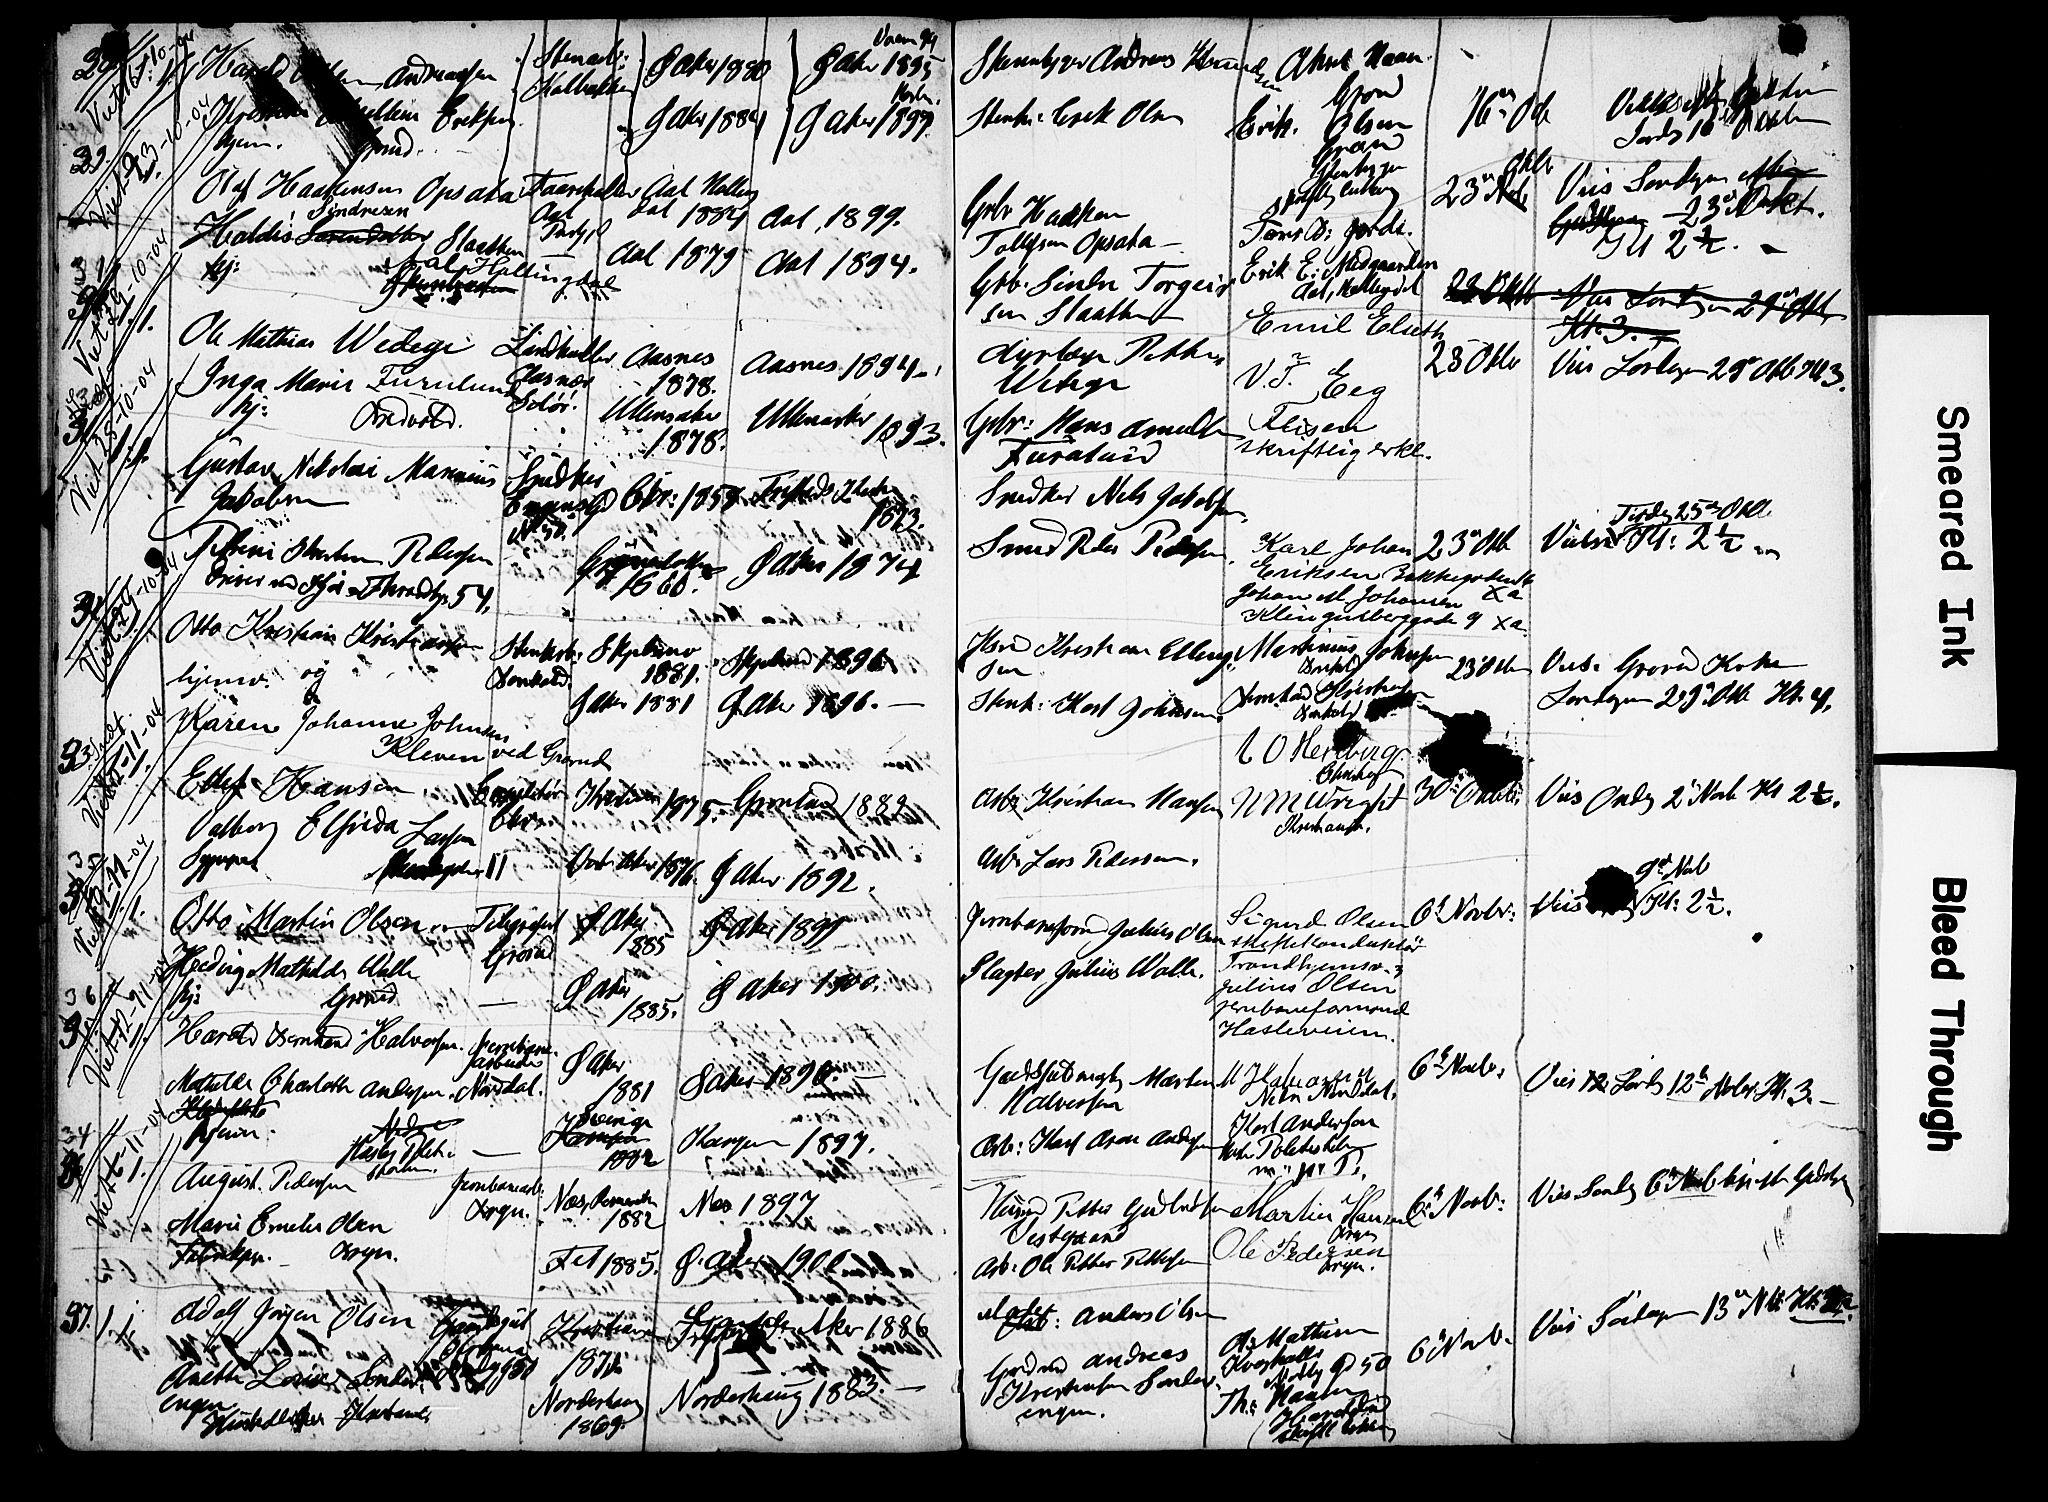 SAO, Østre Aker prestekontor Kirkebøker, H/Ha/L0006: Banns register no. I 6, 1901-1905